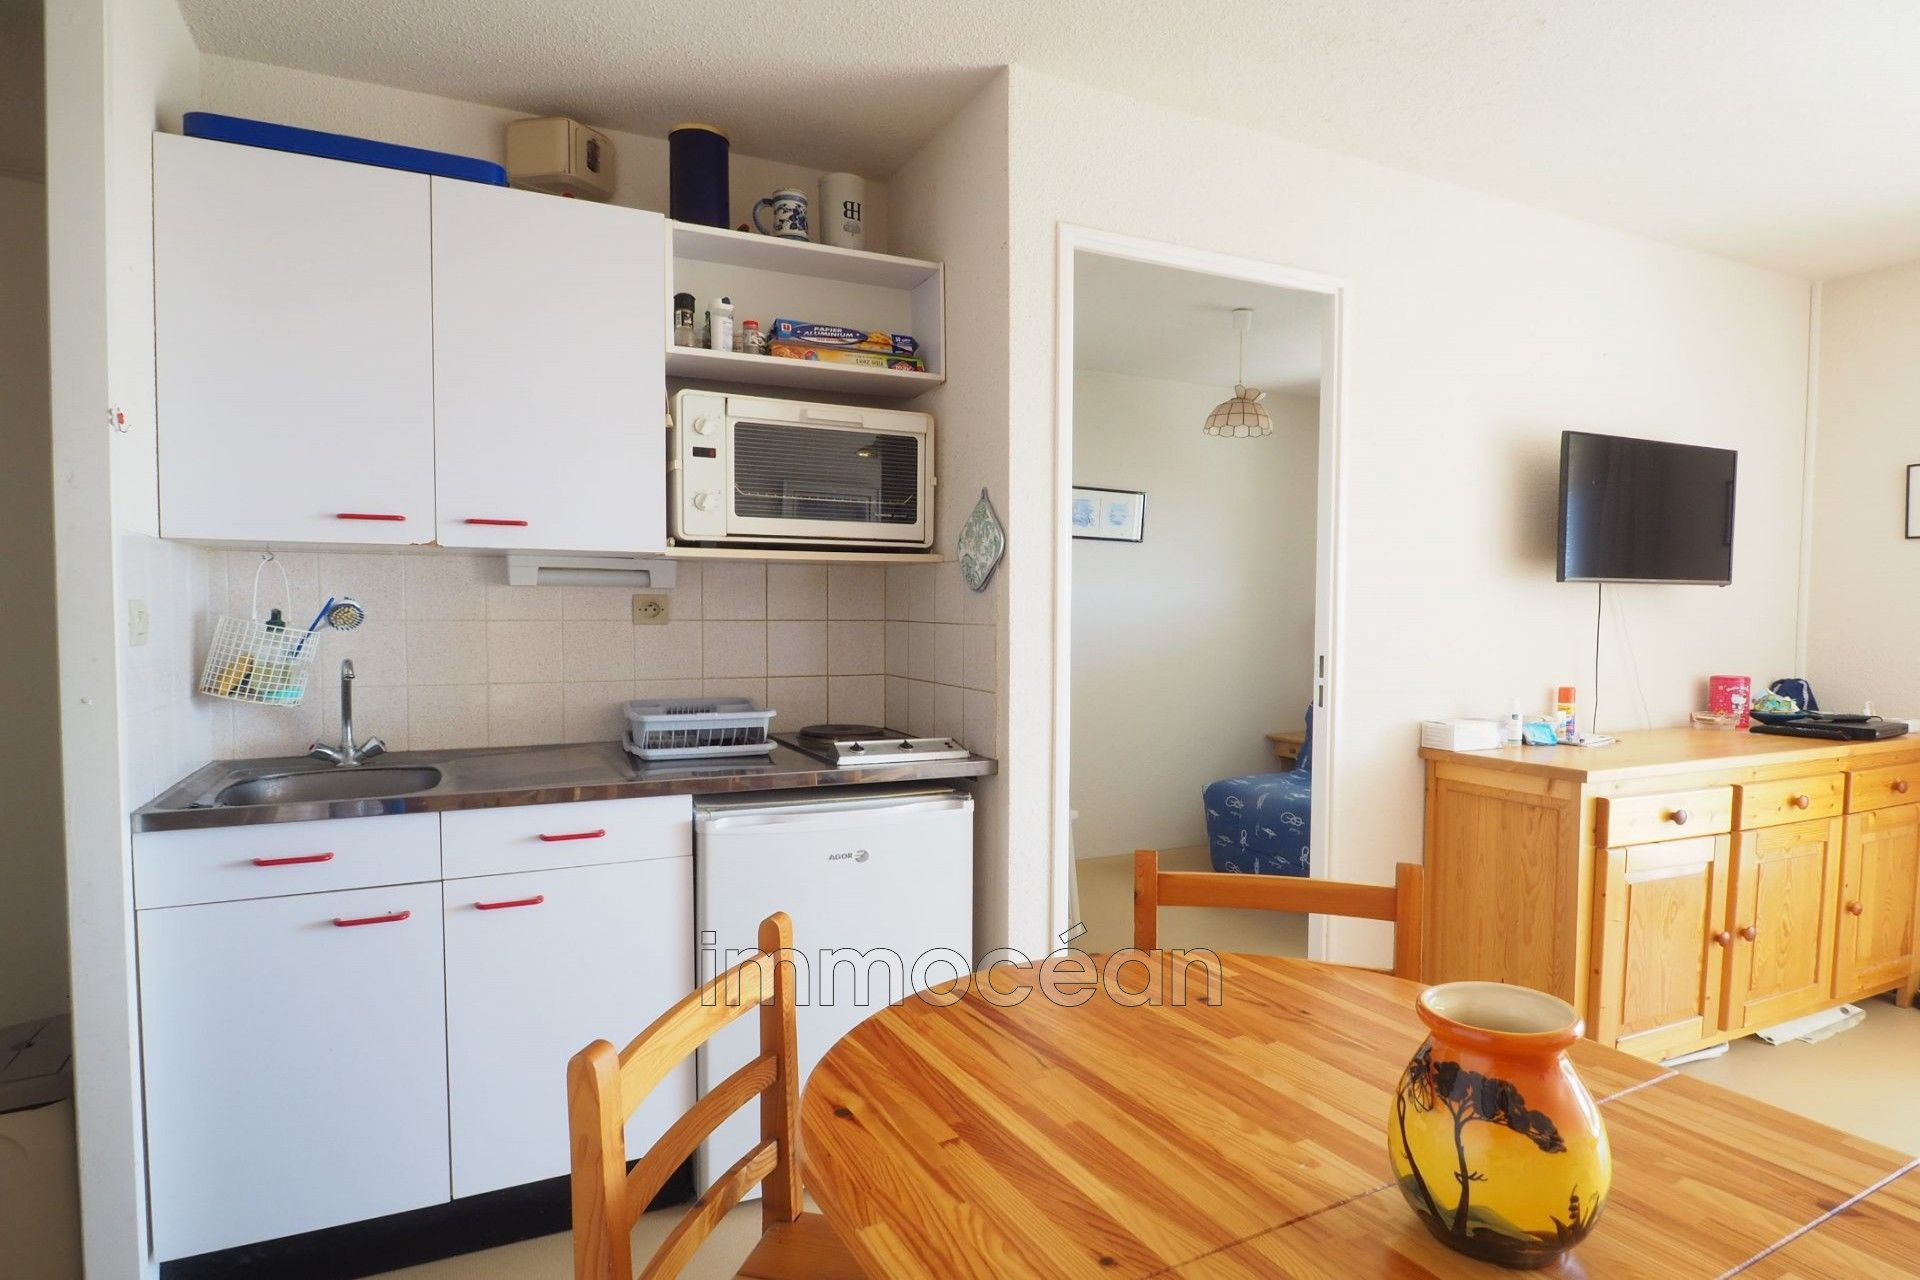 Vente appartement Royan - réf. 690V1064A